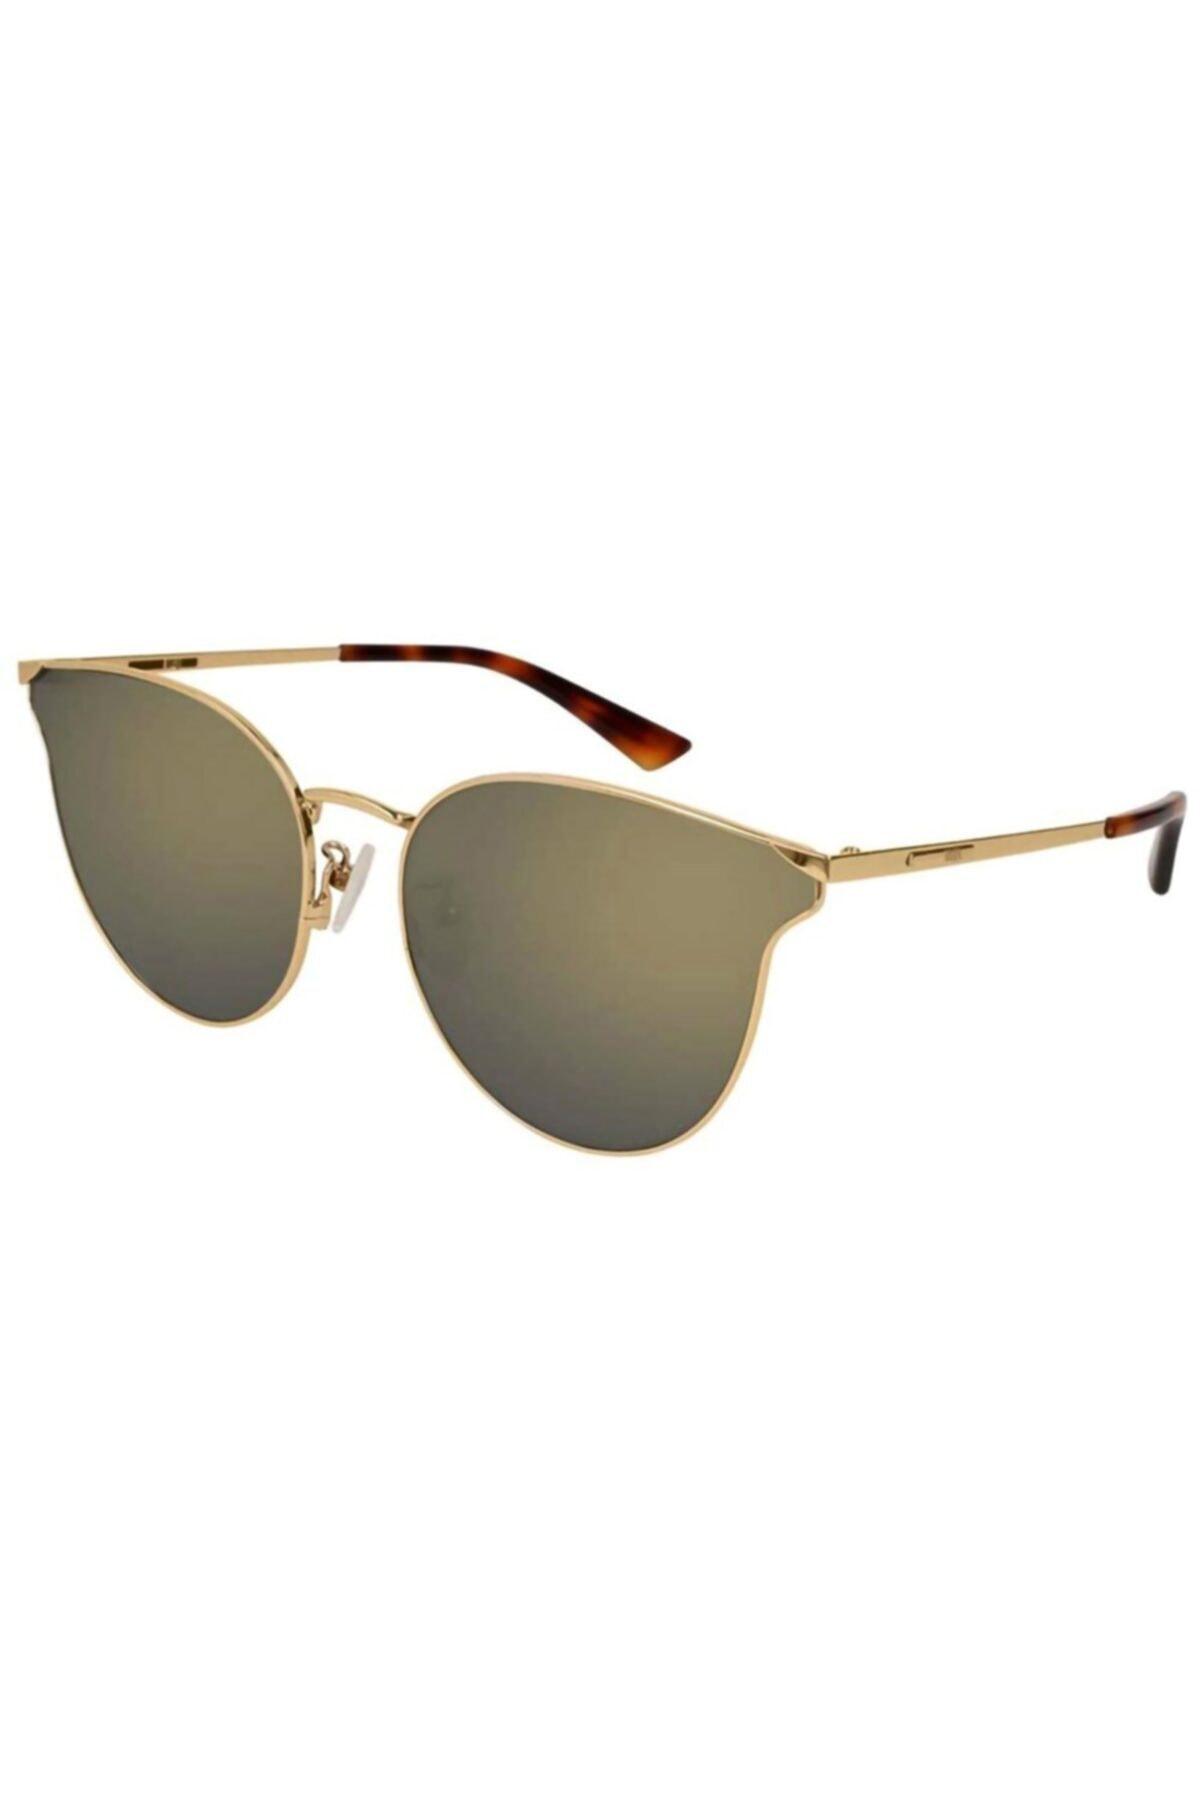 عینک آفتابی زنانه ترک  رنگ طلایی ty57326331